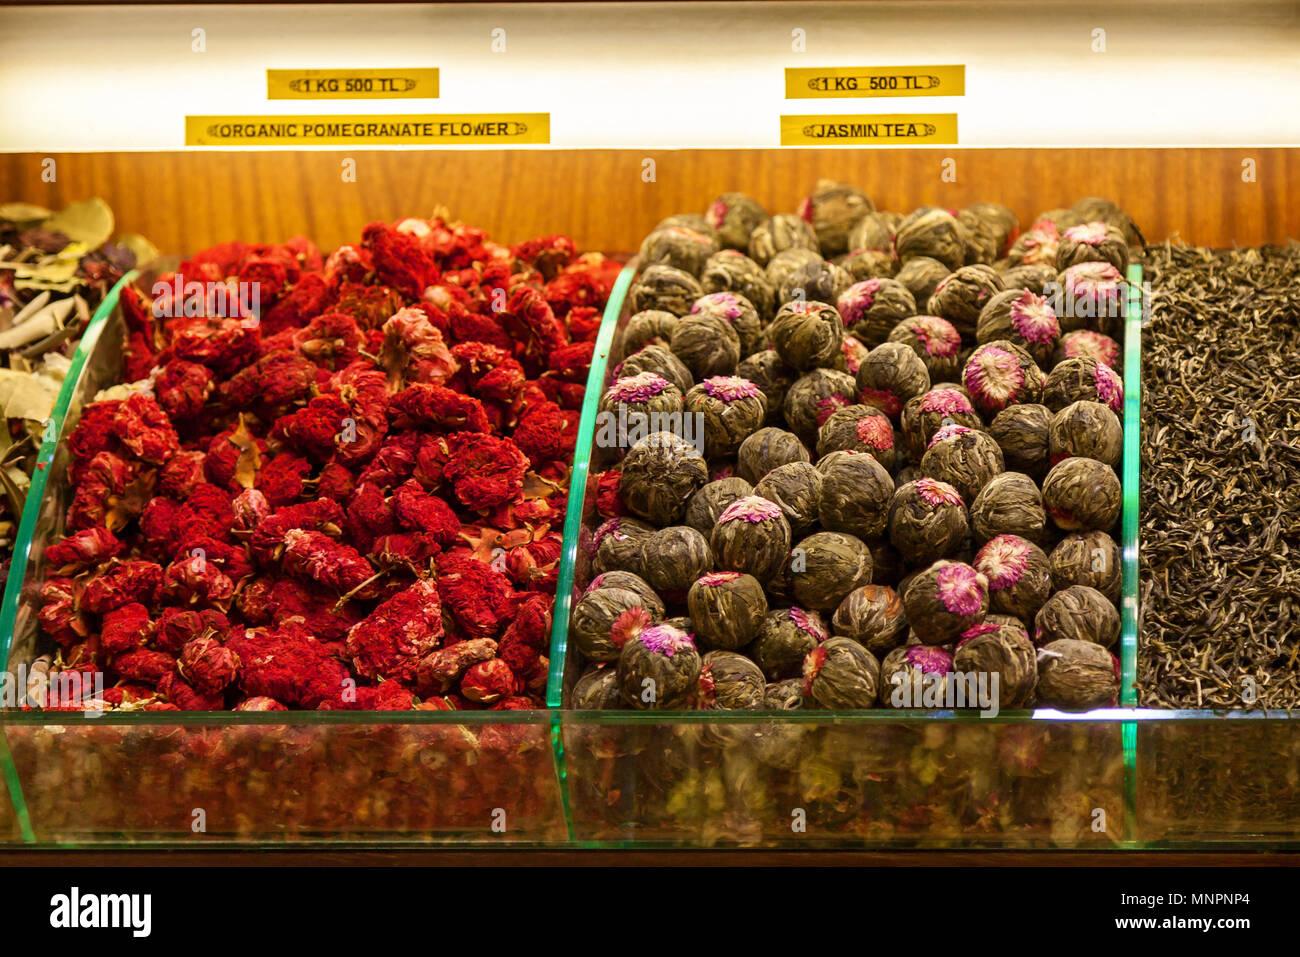 Racks mit Tee und Gewürz Sorten in der Istanbuler Gewürzmarkt in gedämpften Farbton verkauft. Es gibt getrocknete Blumen Kaffee wie Rose, Jasmin, und Tee aus r Stockbild